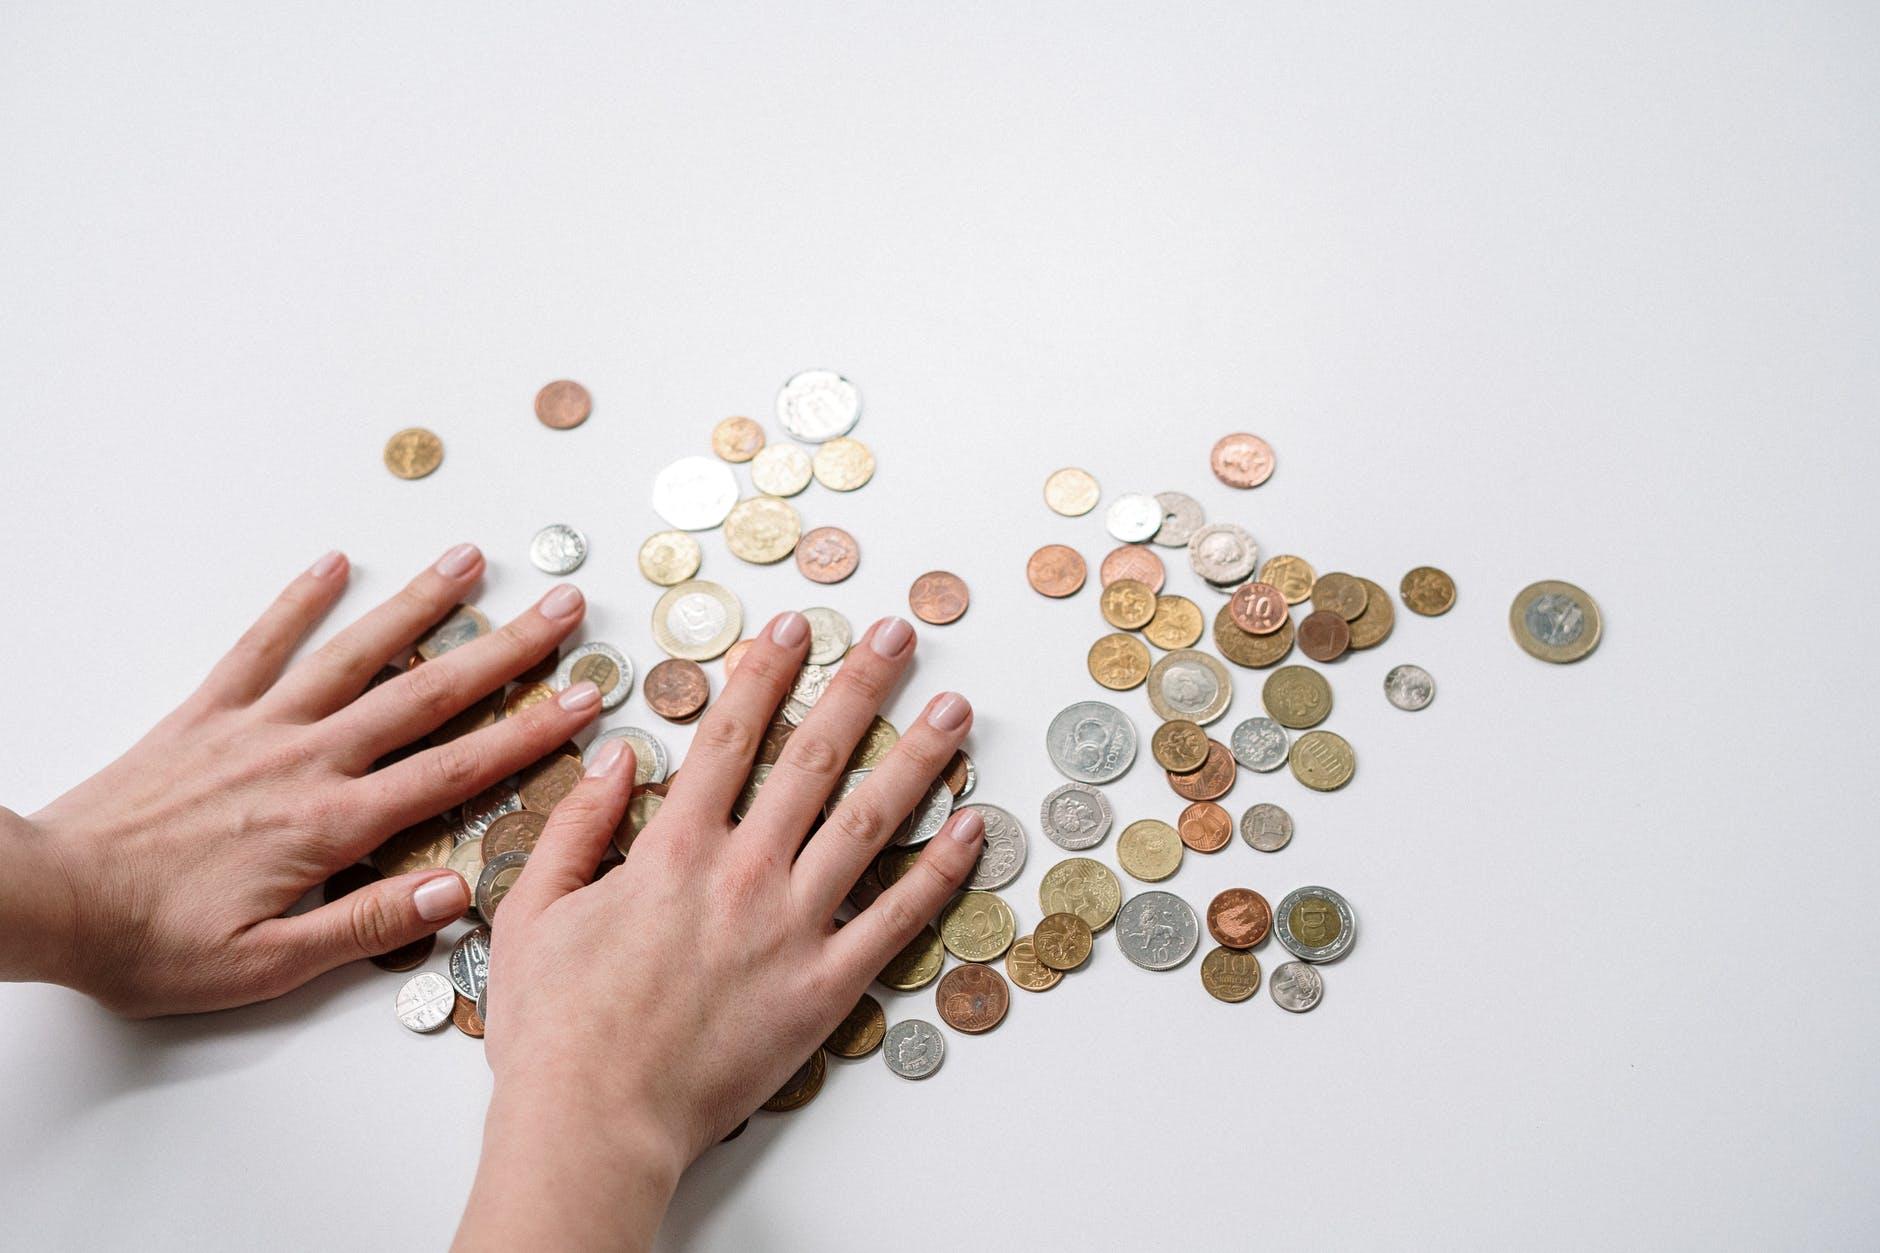 Scheidungskosten: Gericht, Anwalt & Notar - BERATUNG.DE